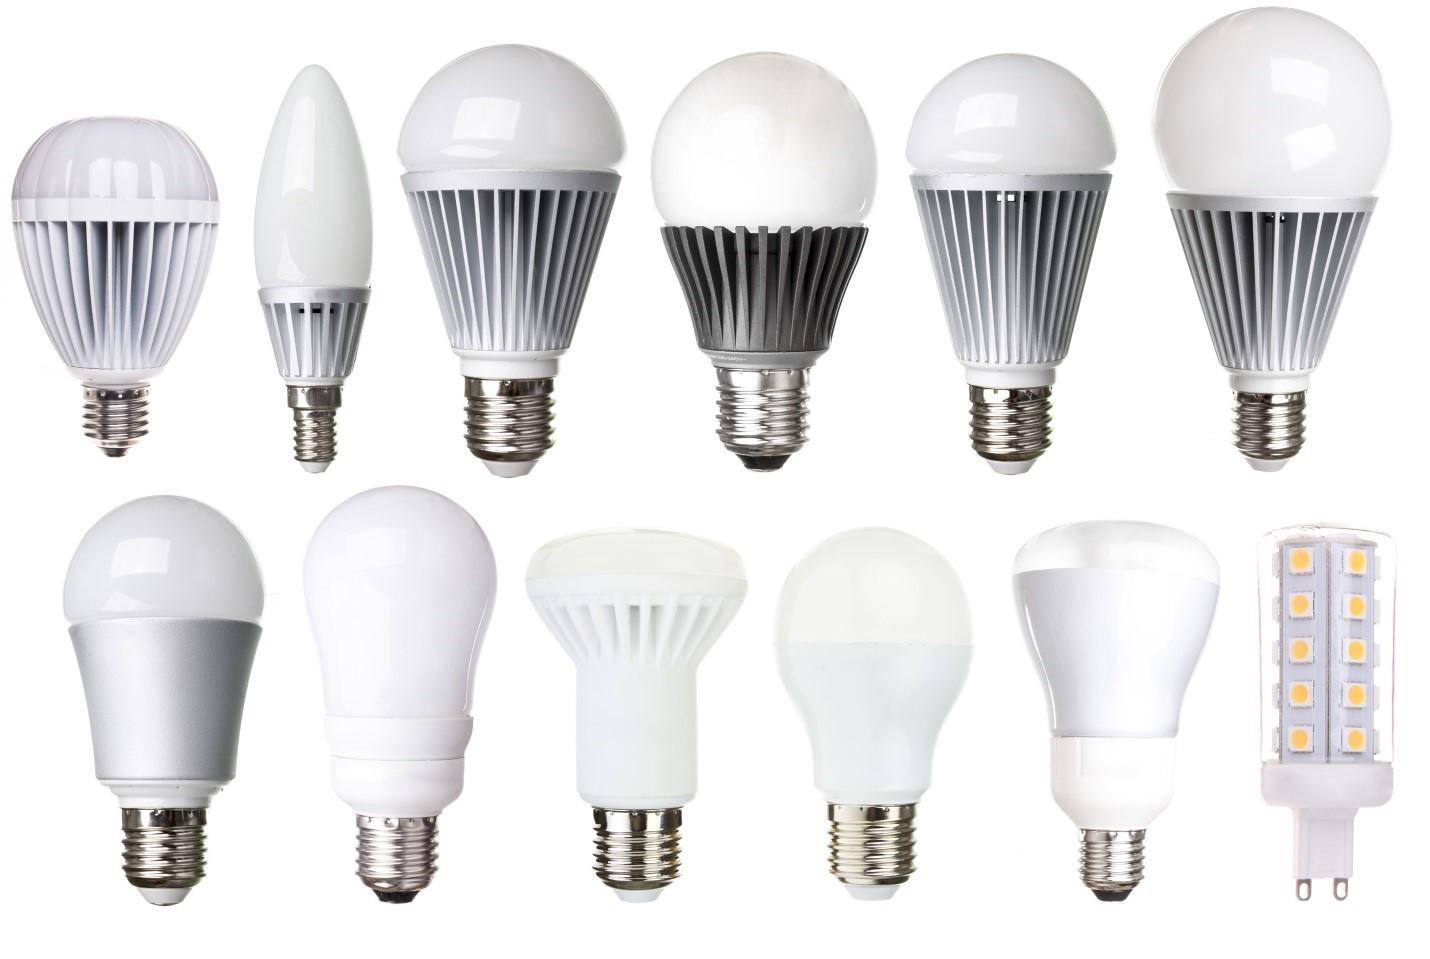 kak-mozhno-sekonomit-elektroenergiyu (1)